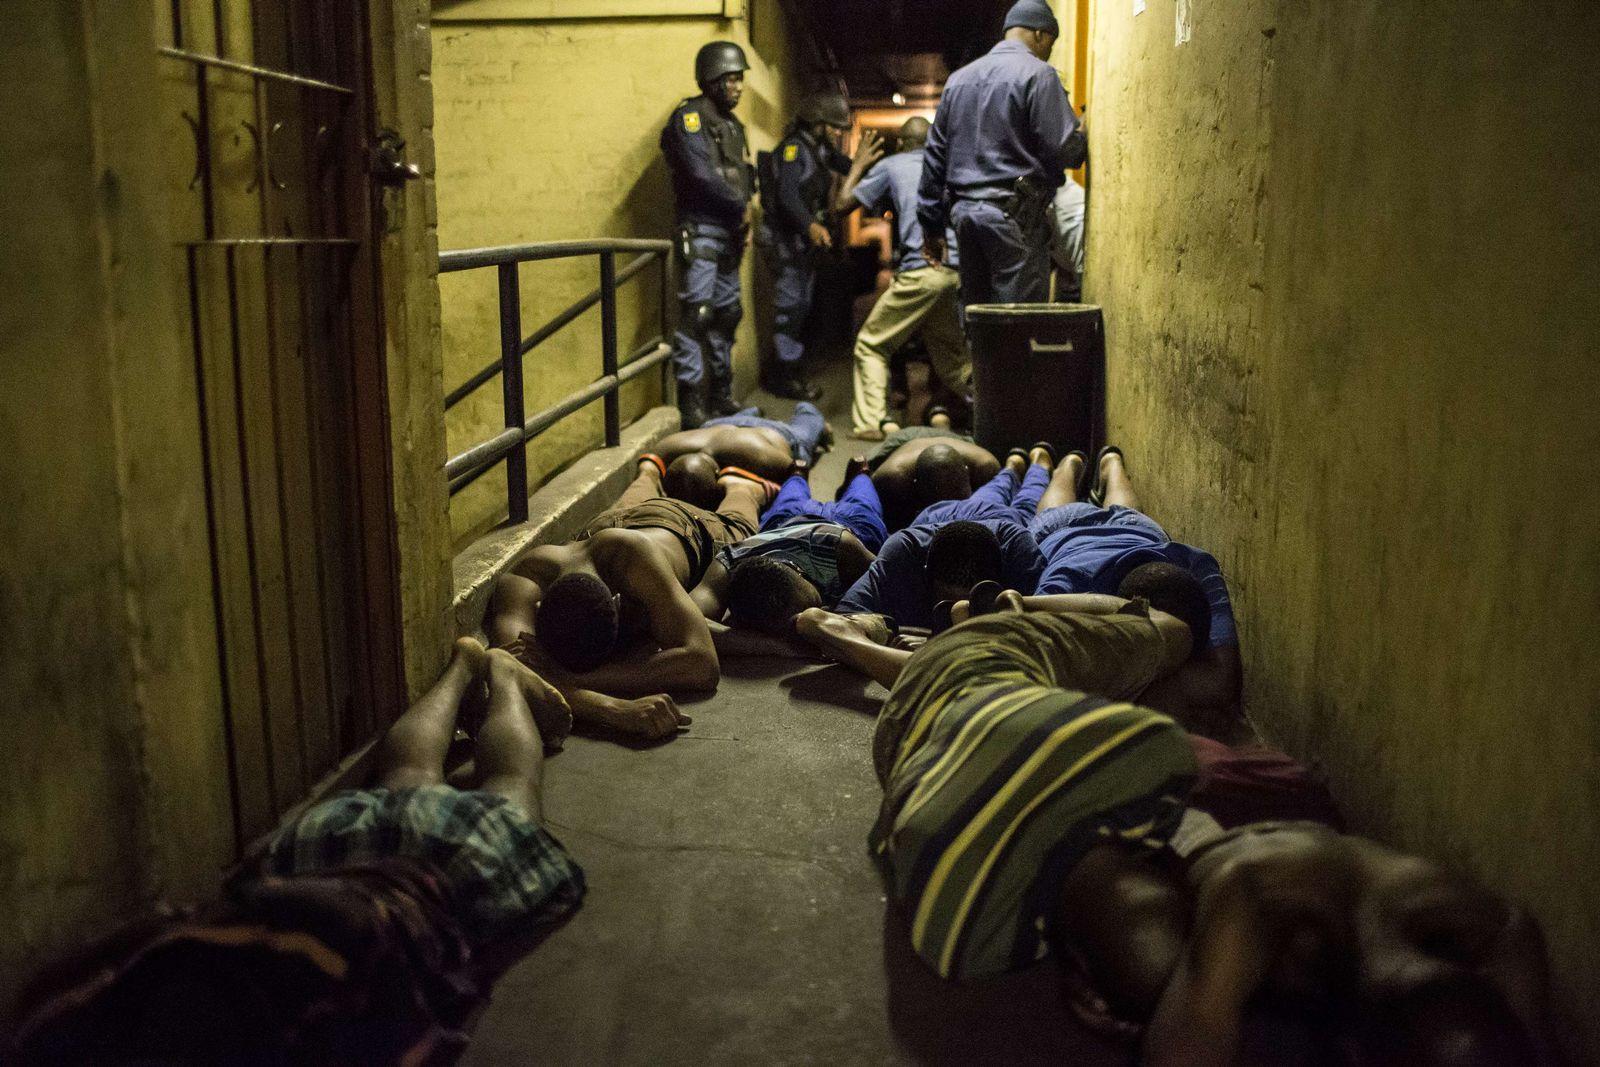 Südafrika/ Johannesburg/ Unruhen/ Einwanderung/ Gewalt